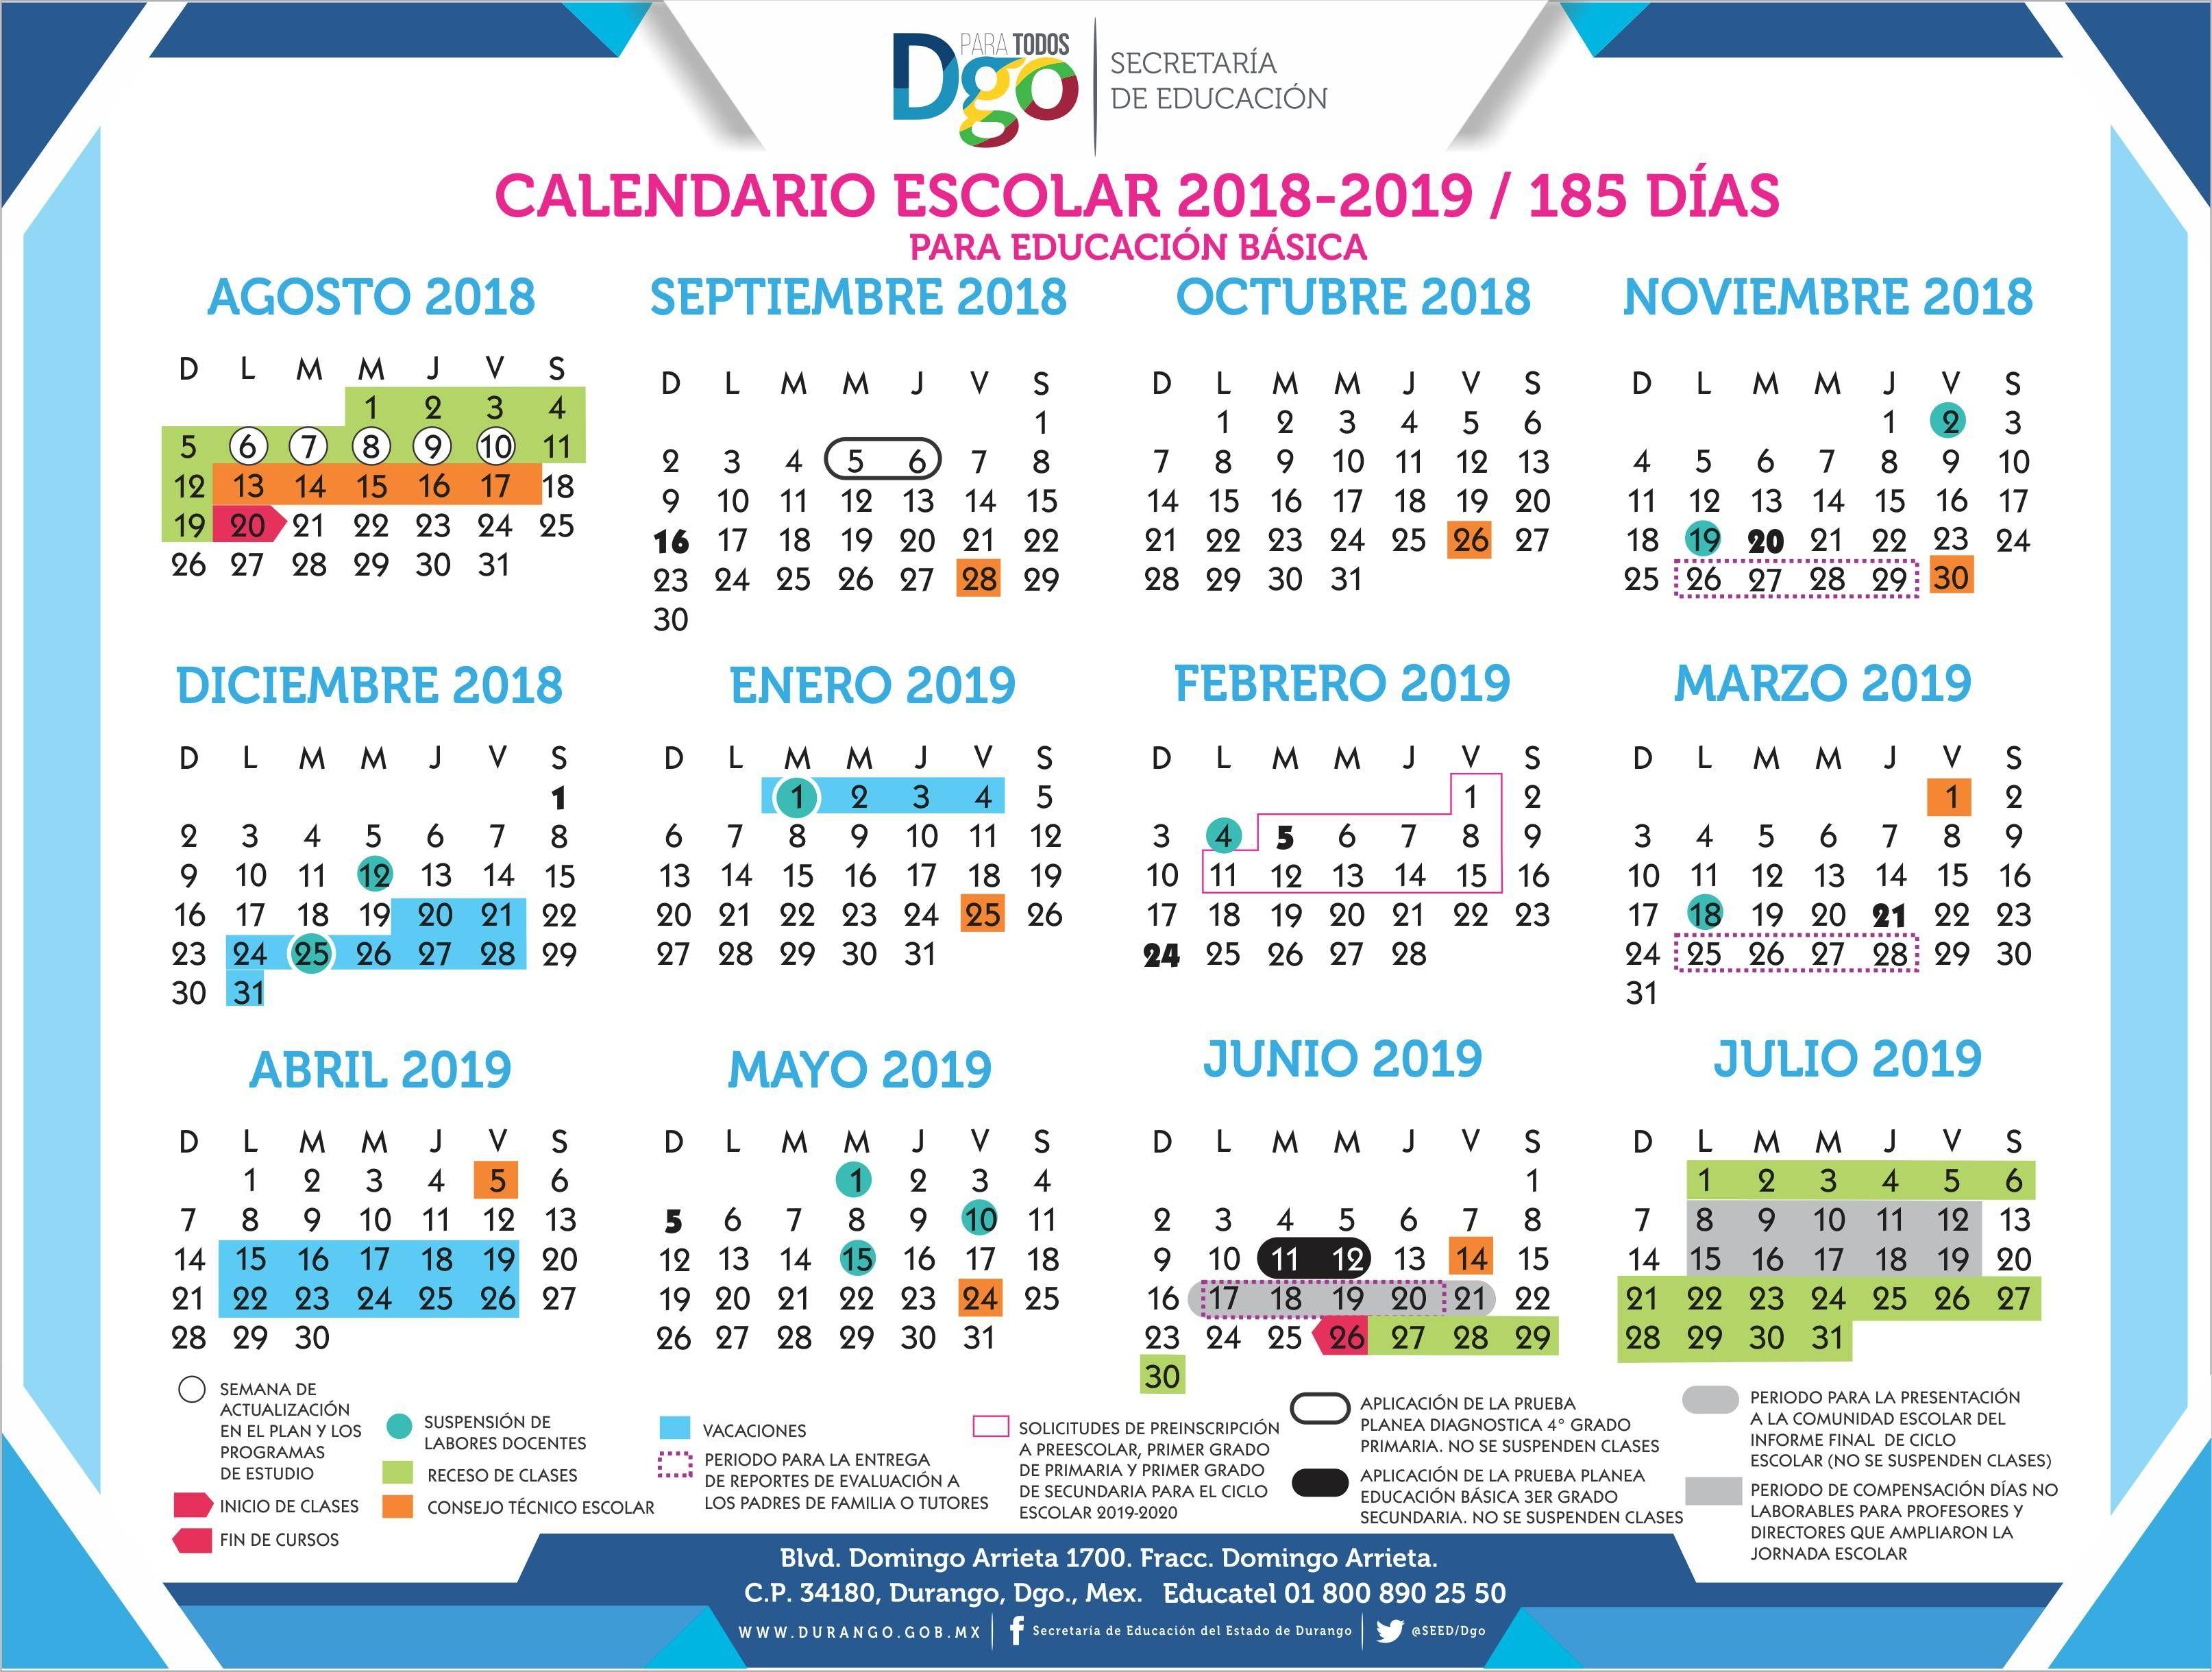 Calendario Escolar 2018-2019 - Secretaría De Educación pertaining to Template Calendario Escolar 2020